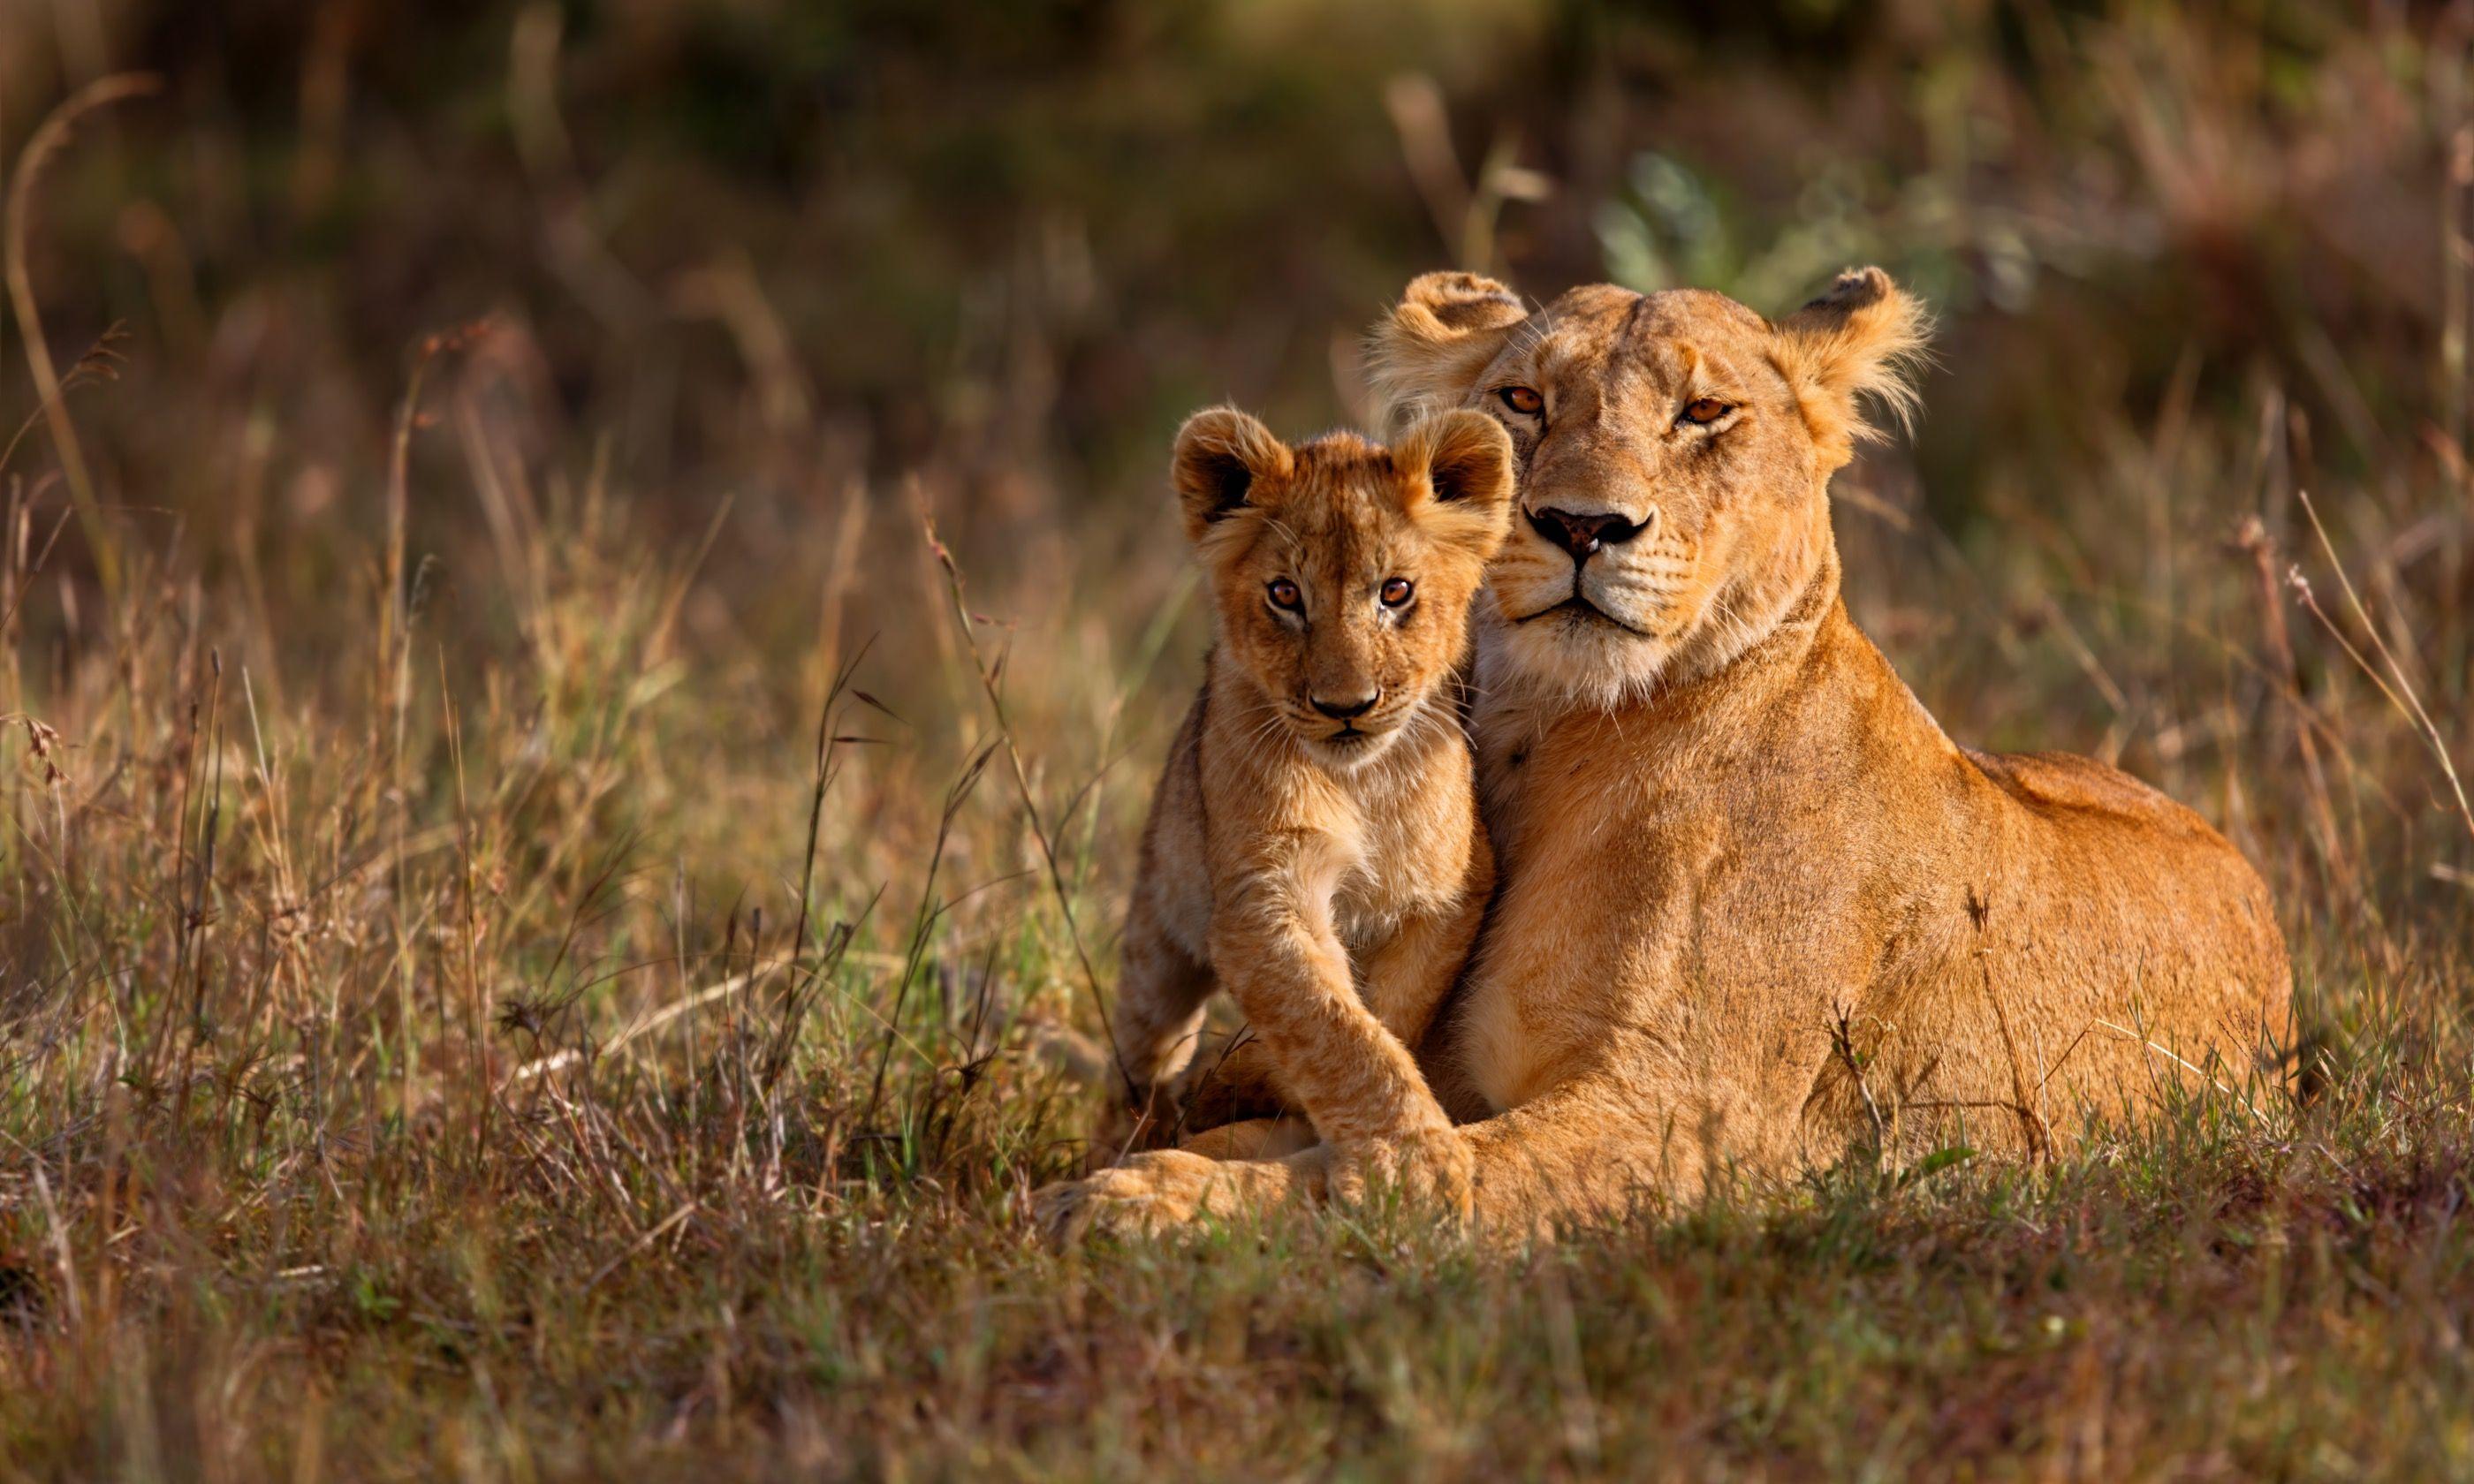 Lioness and cub, Masai Mara (Shutterstock.com)